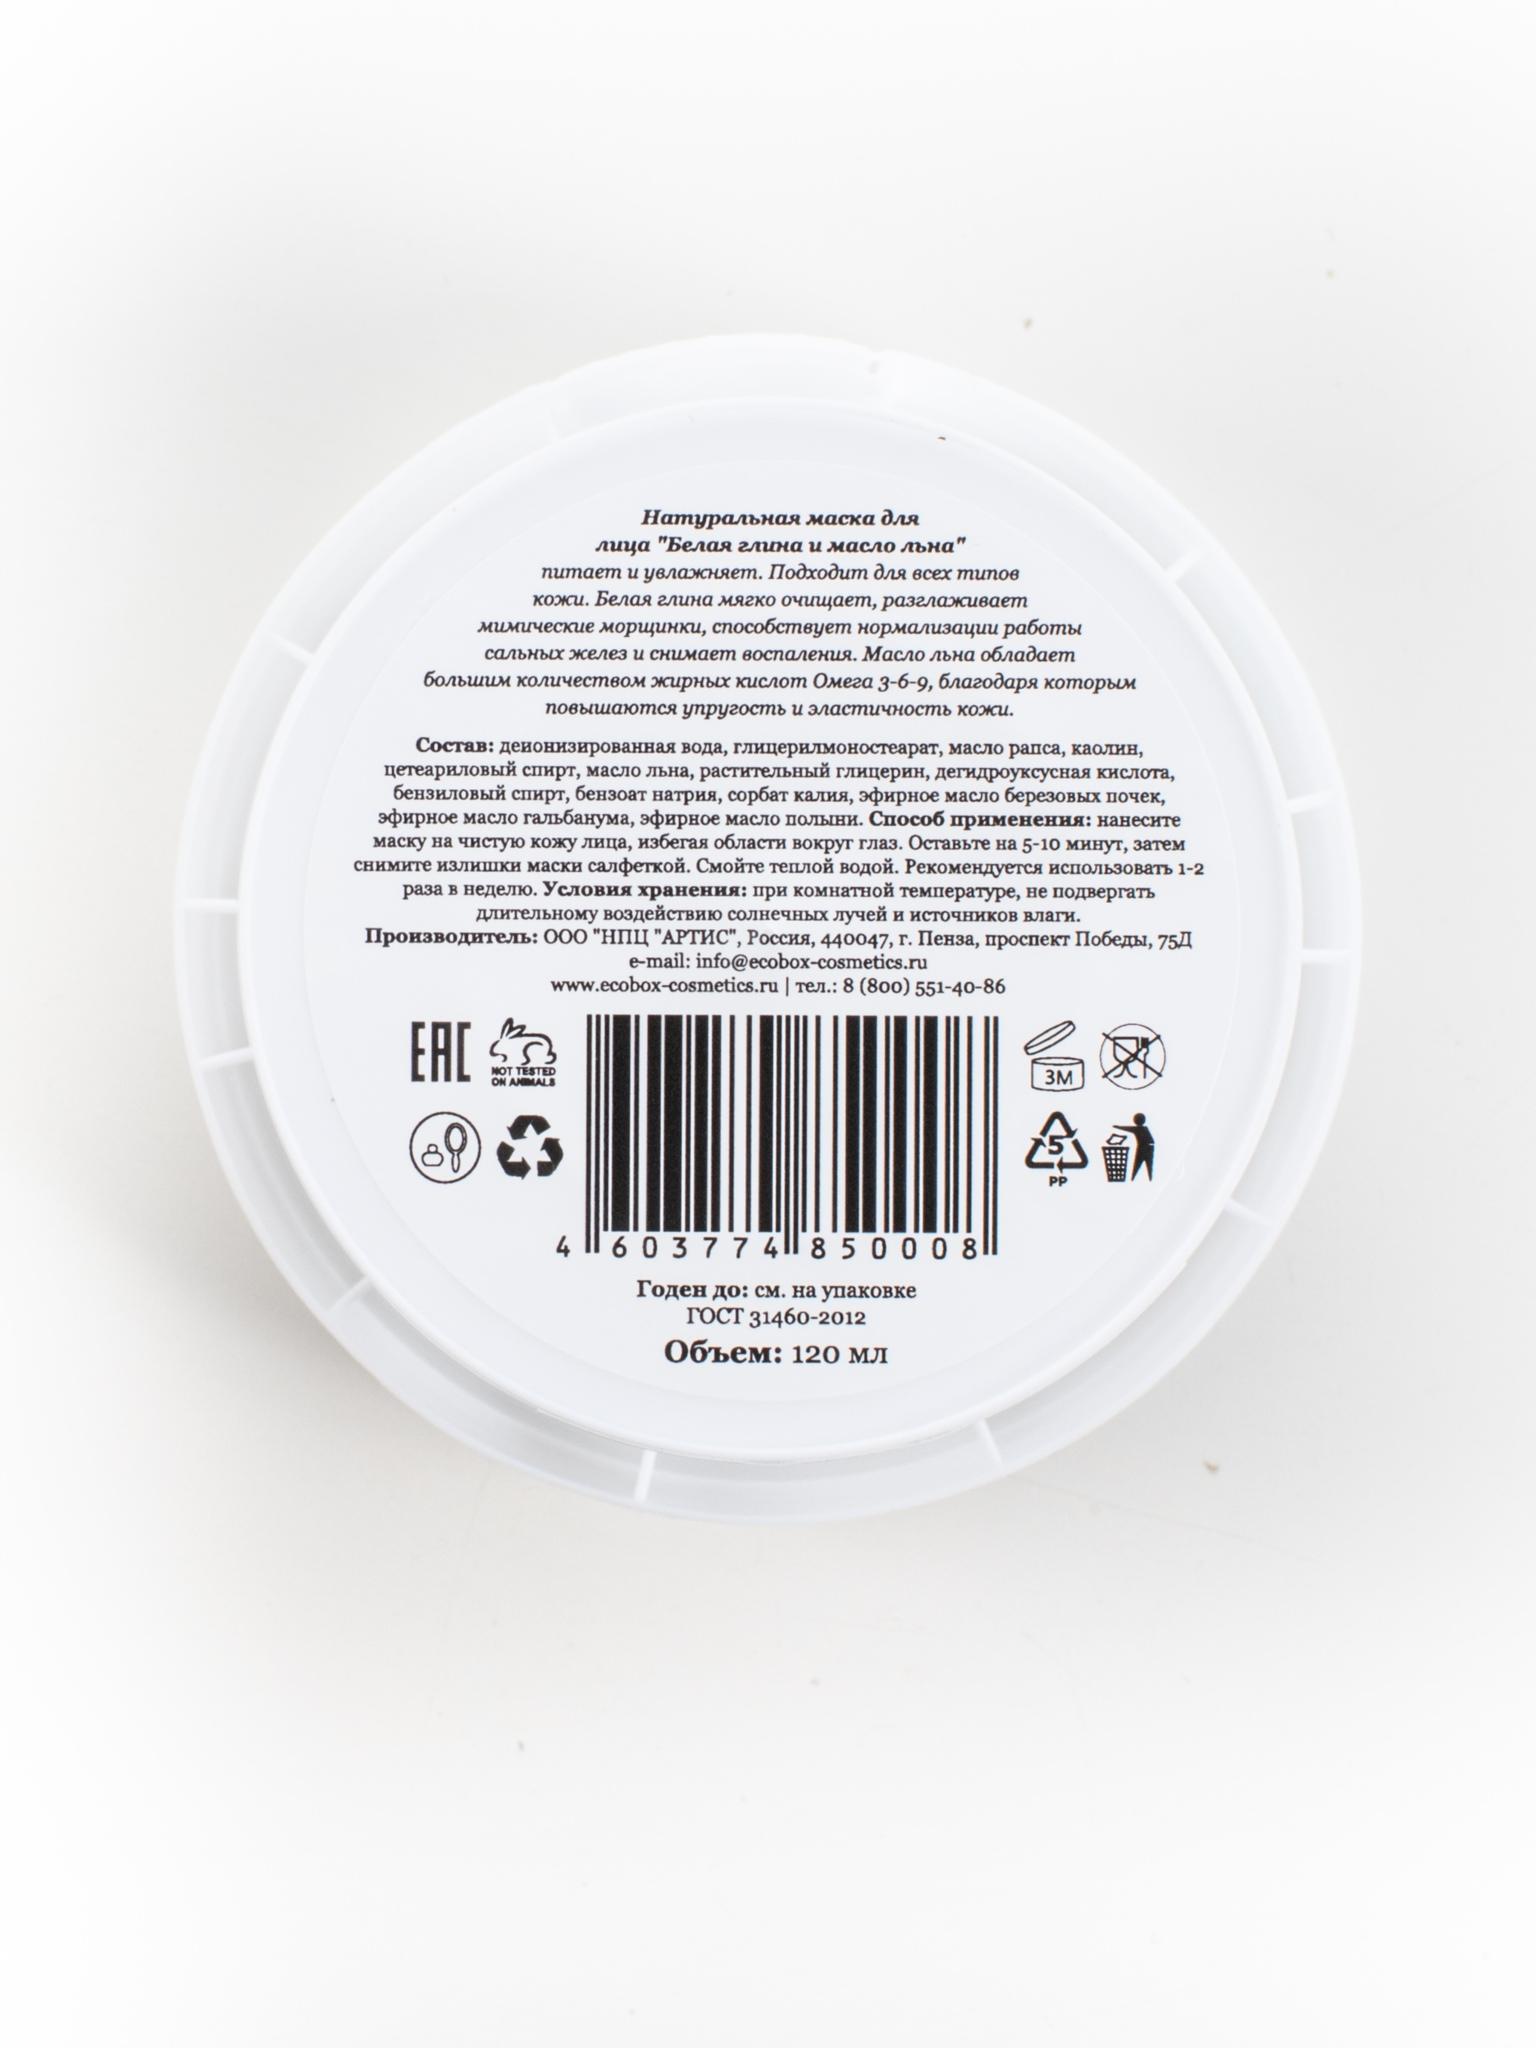 Натуральная увлажняющая и питательная маска для всех типов кожи Белая глина и масло льна ECOBOX